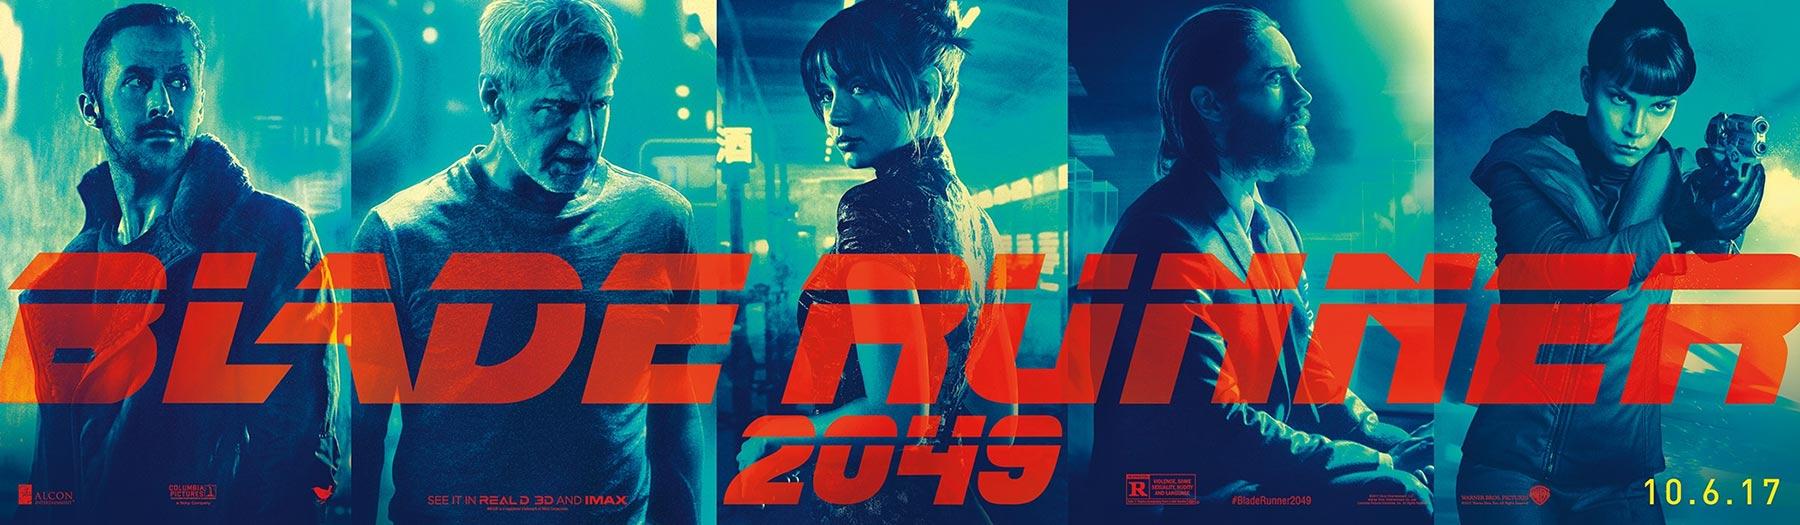 Blade Runner 2049 Poster #15